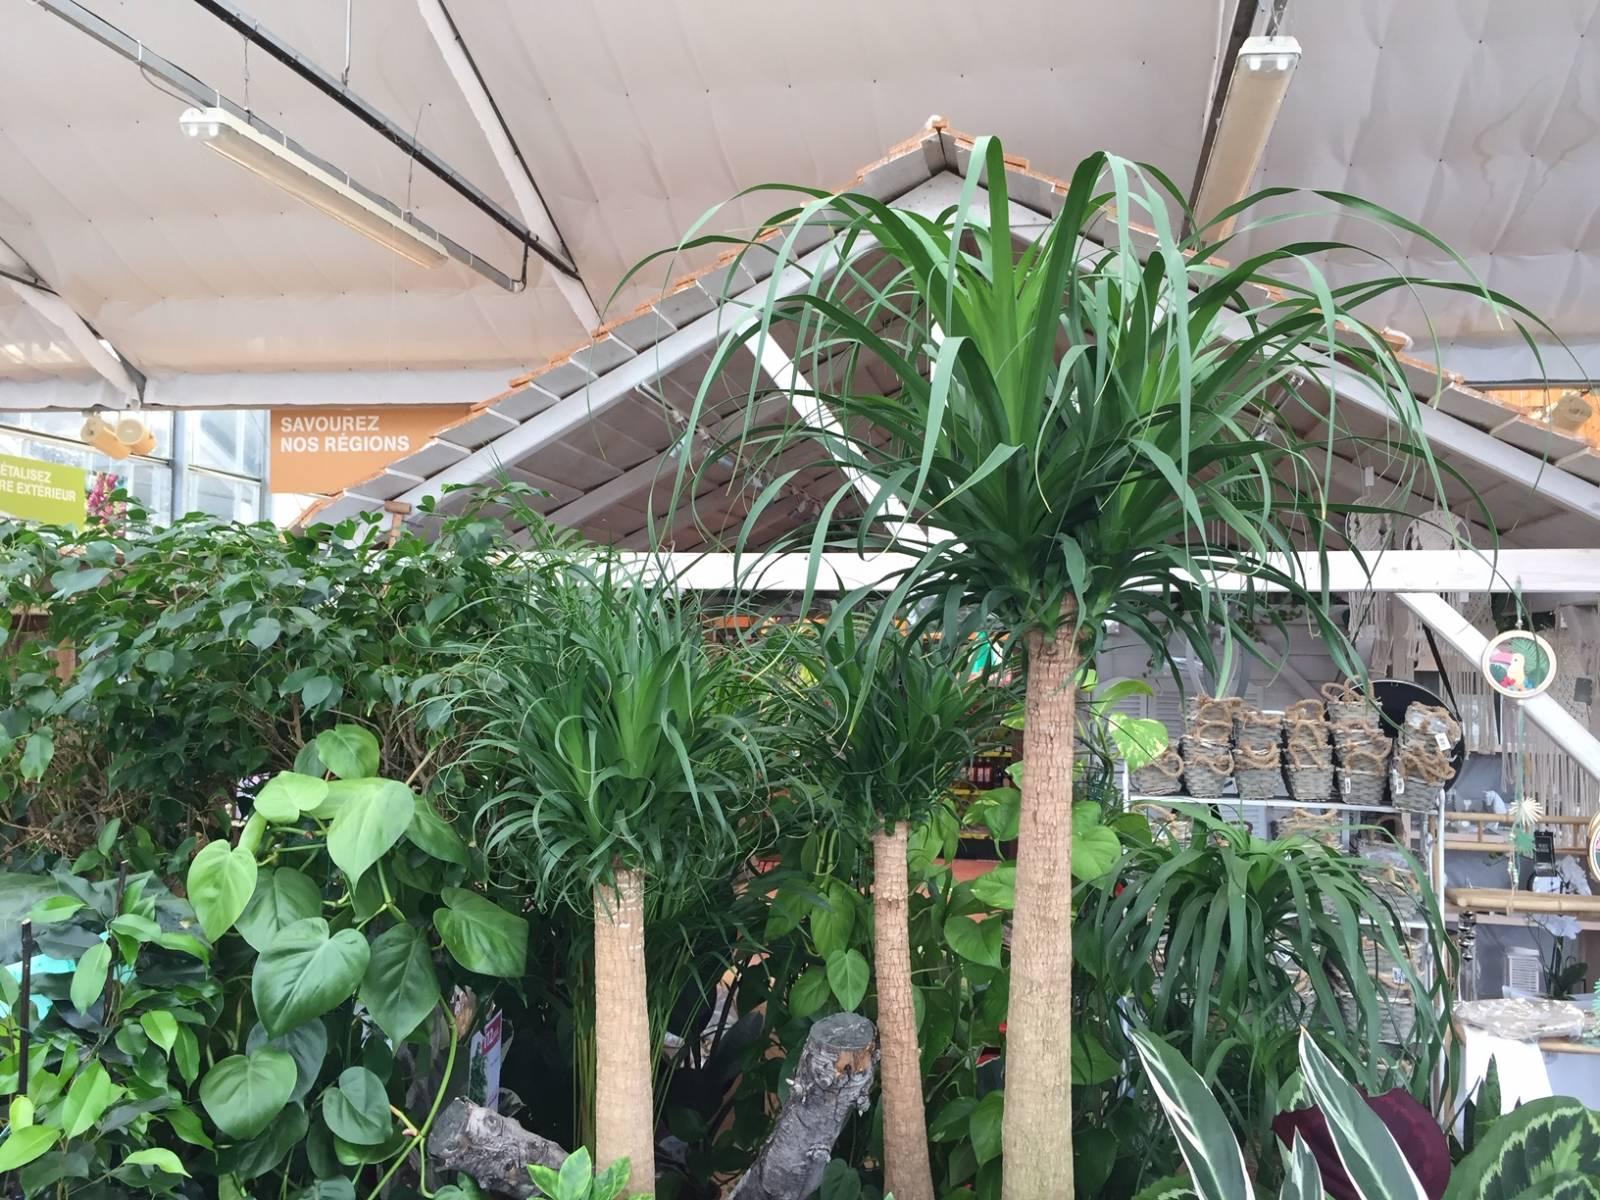 Plante Exterieur Toute Saison Pas Cher beaucarnea ou pied d'éléphant, plante verte d'intérieur